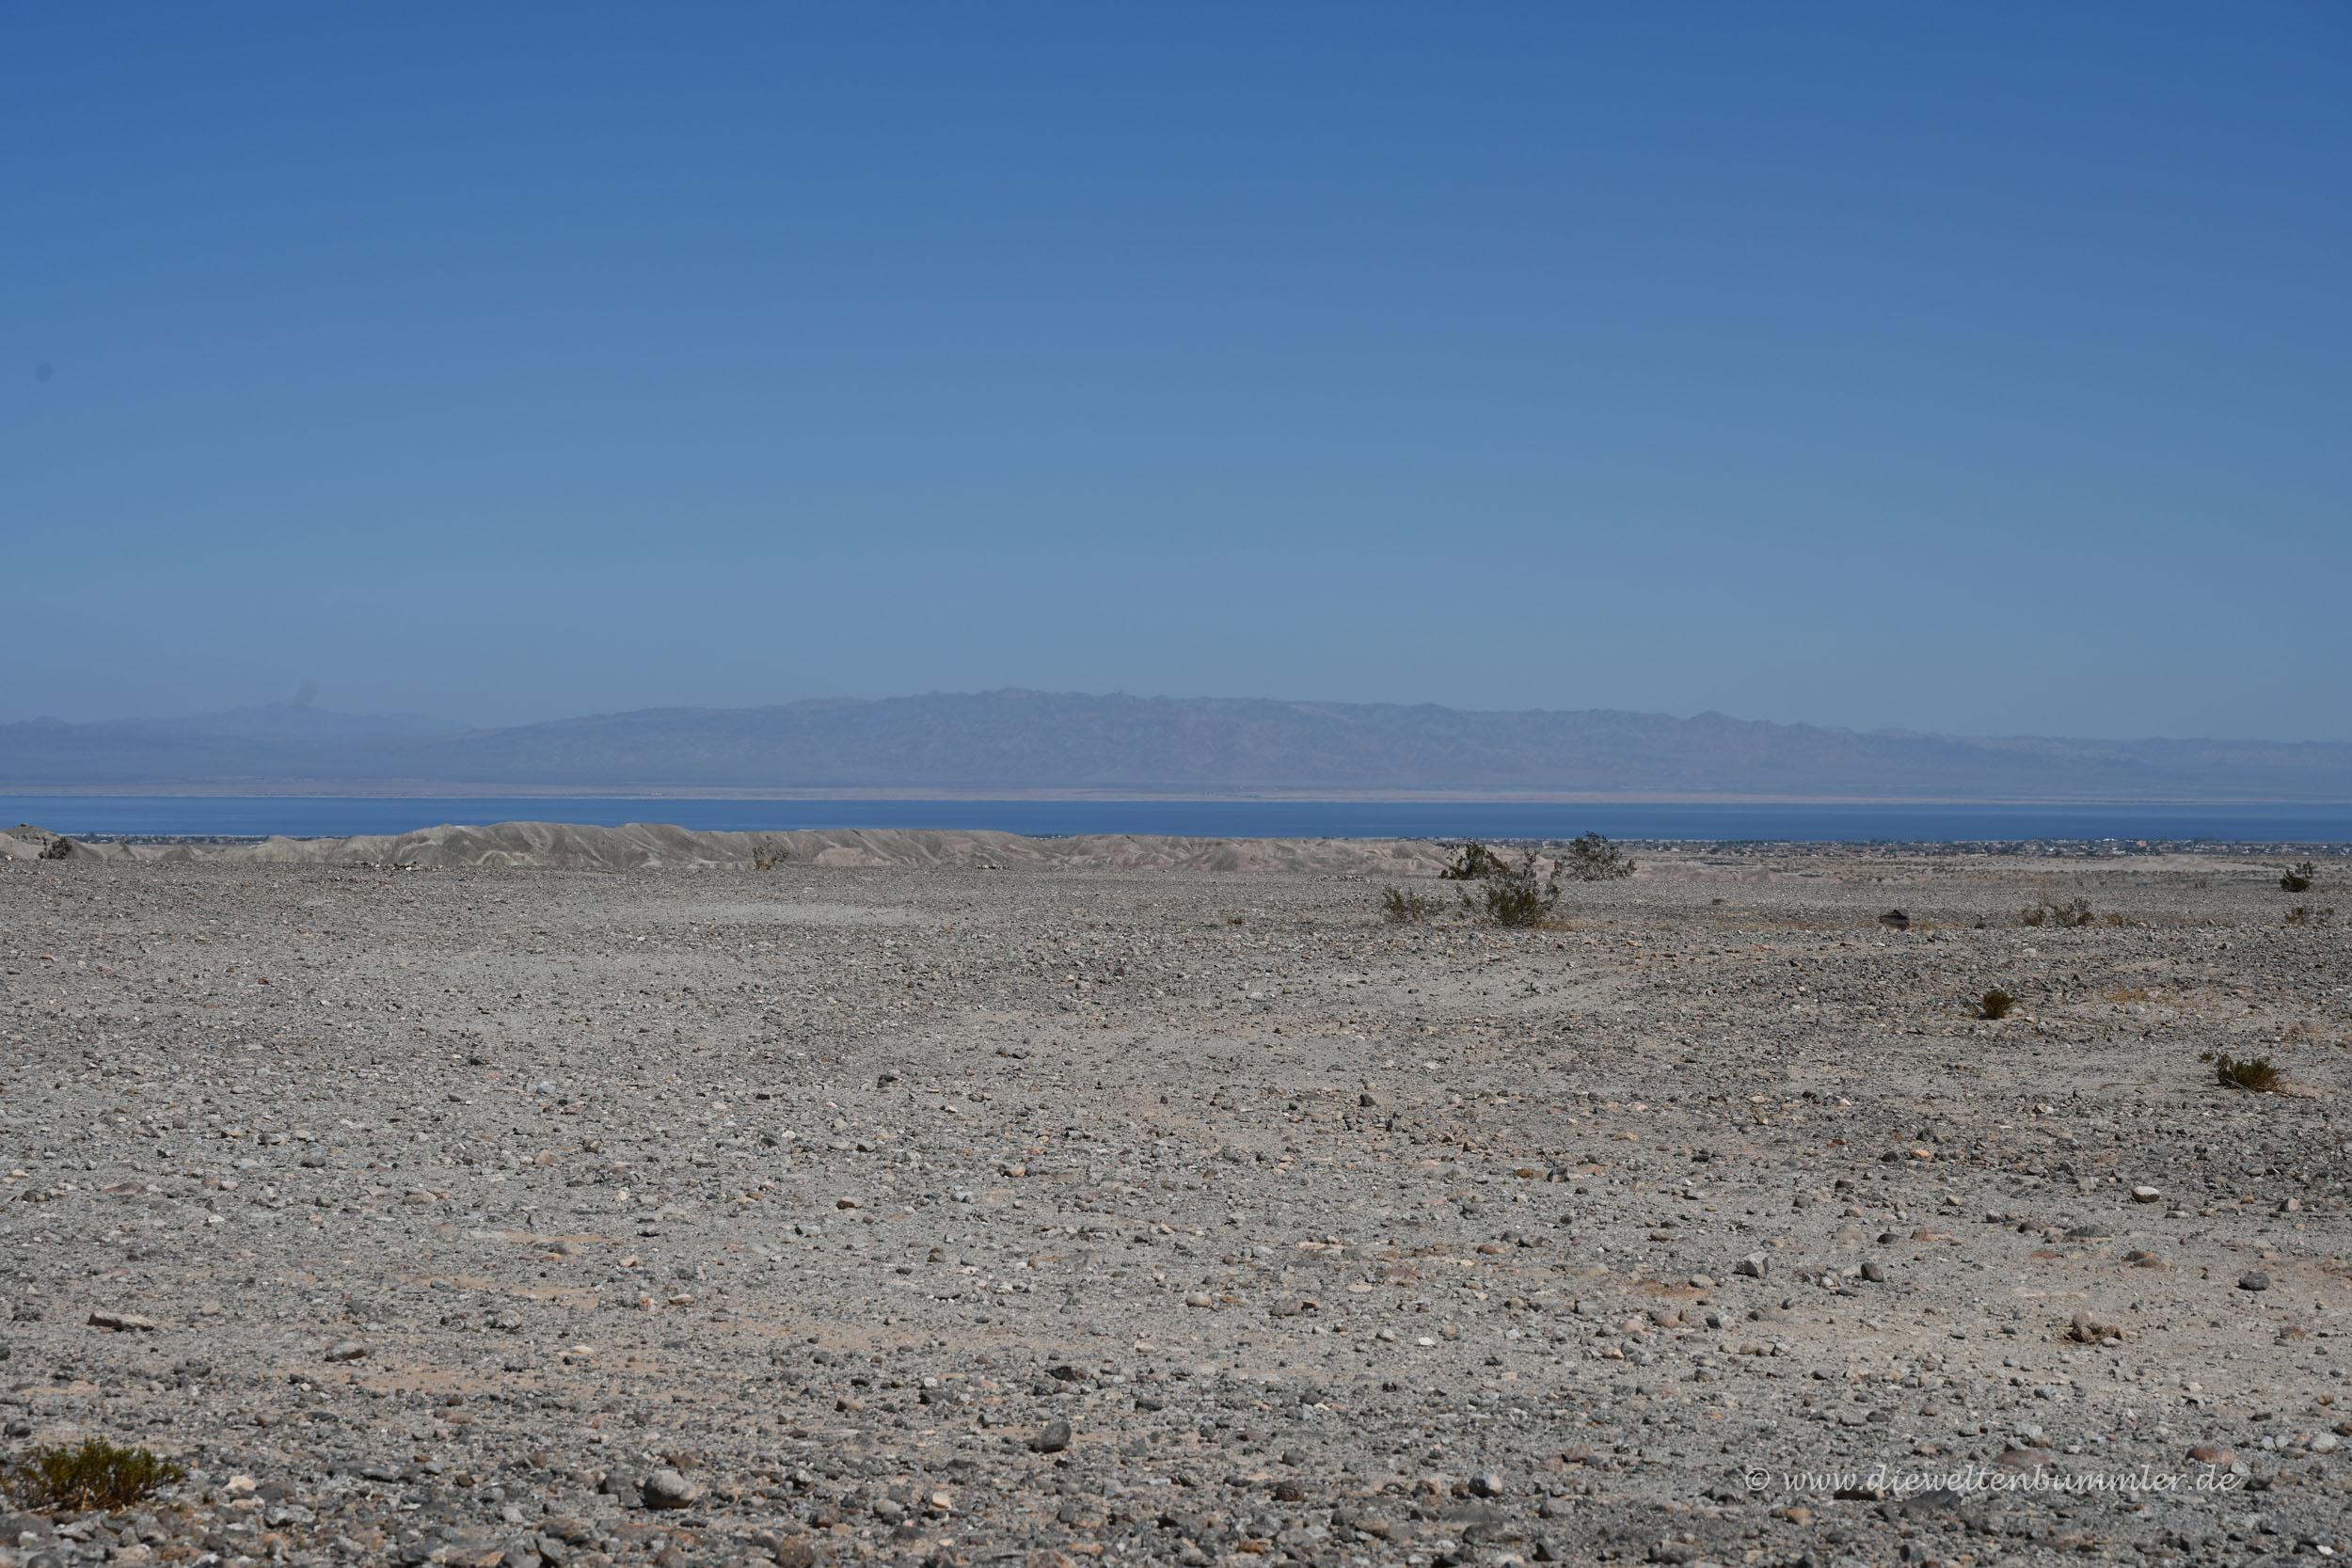 Landschaft in der kalifornischen Wüste